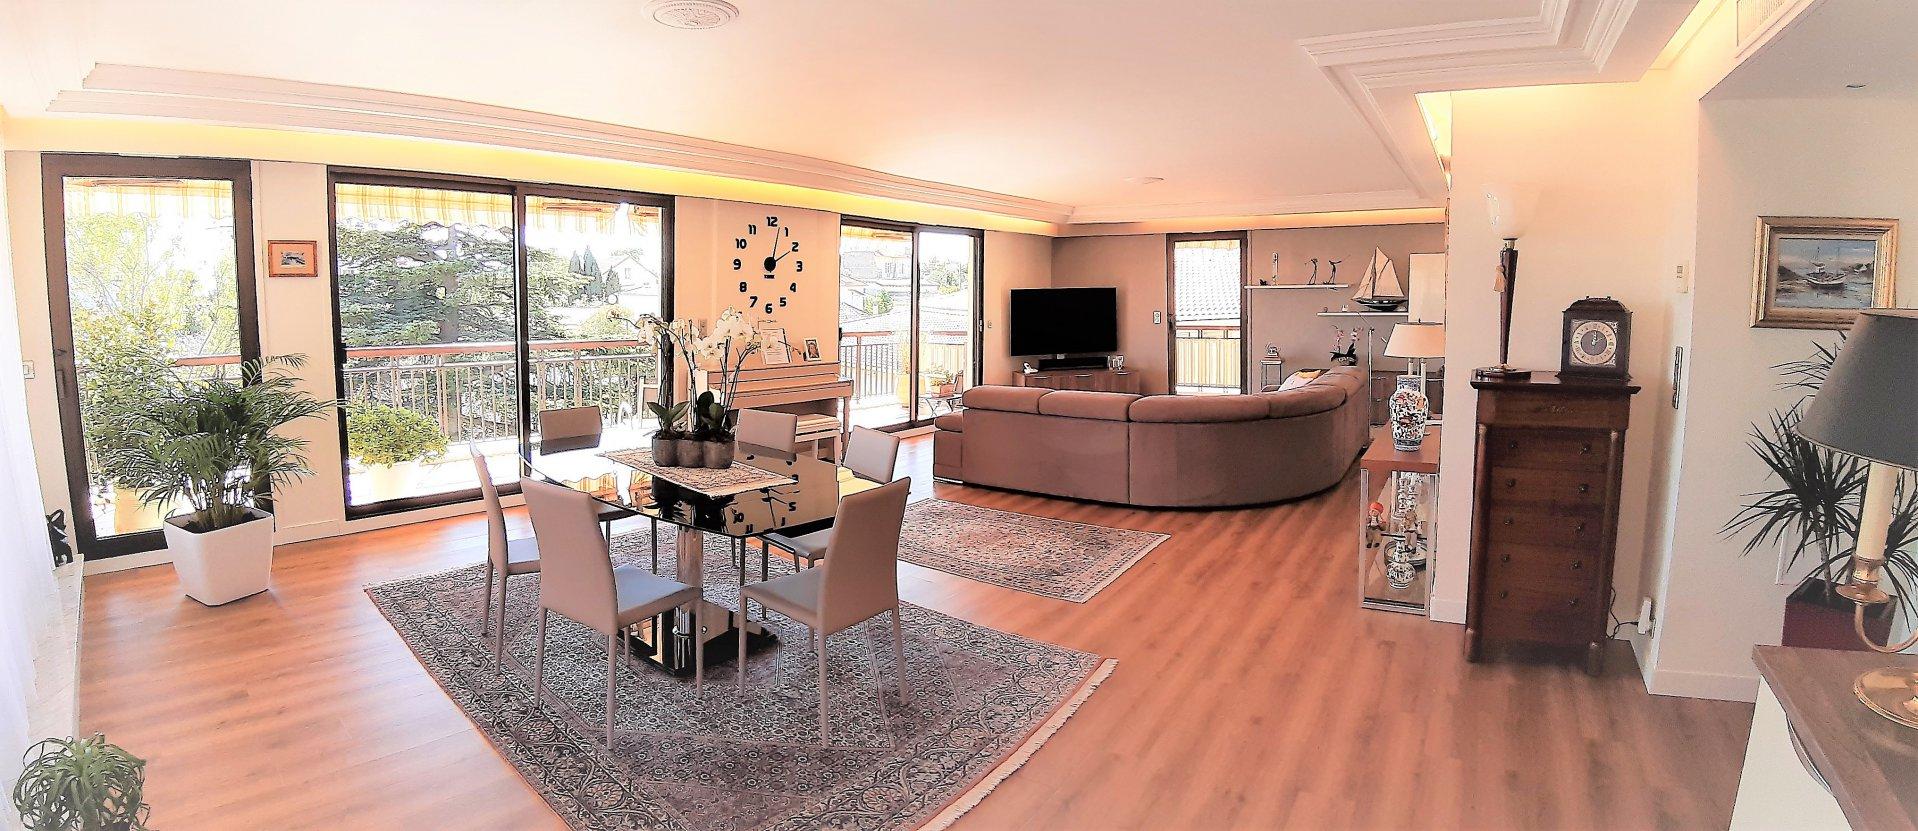 Cannes, Petit-Juas, penthouse, beautiful view, terraces